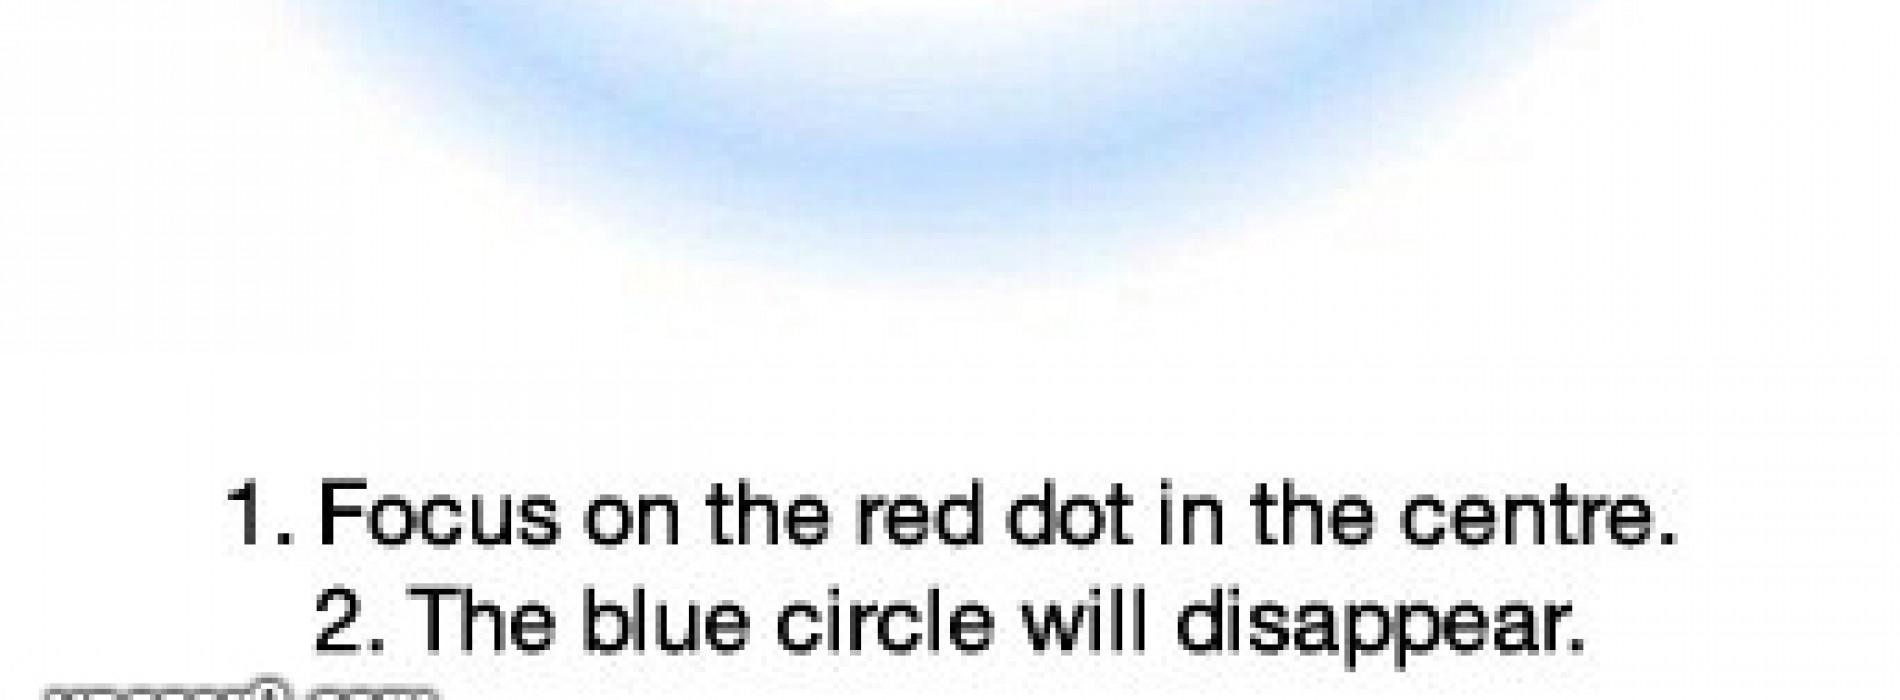 صورة | ركز بالنقطه داخل الدائرة وتختفي الدائرة !